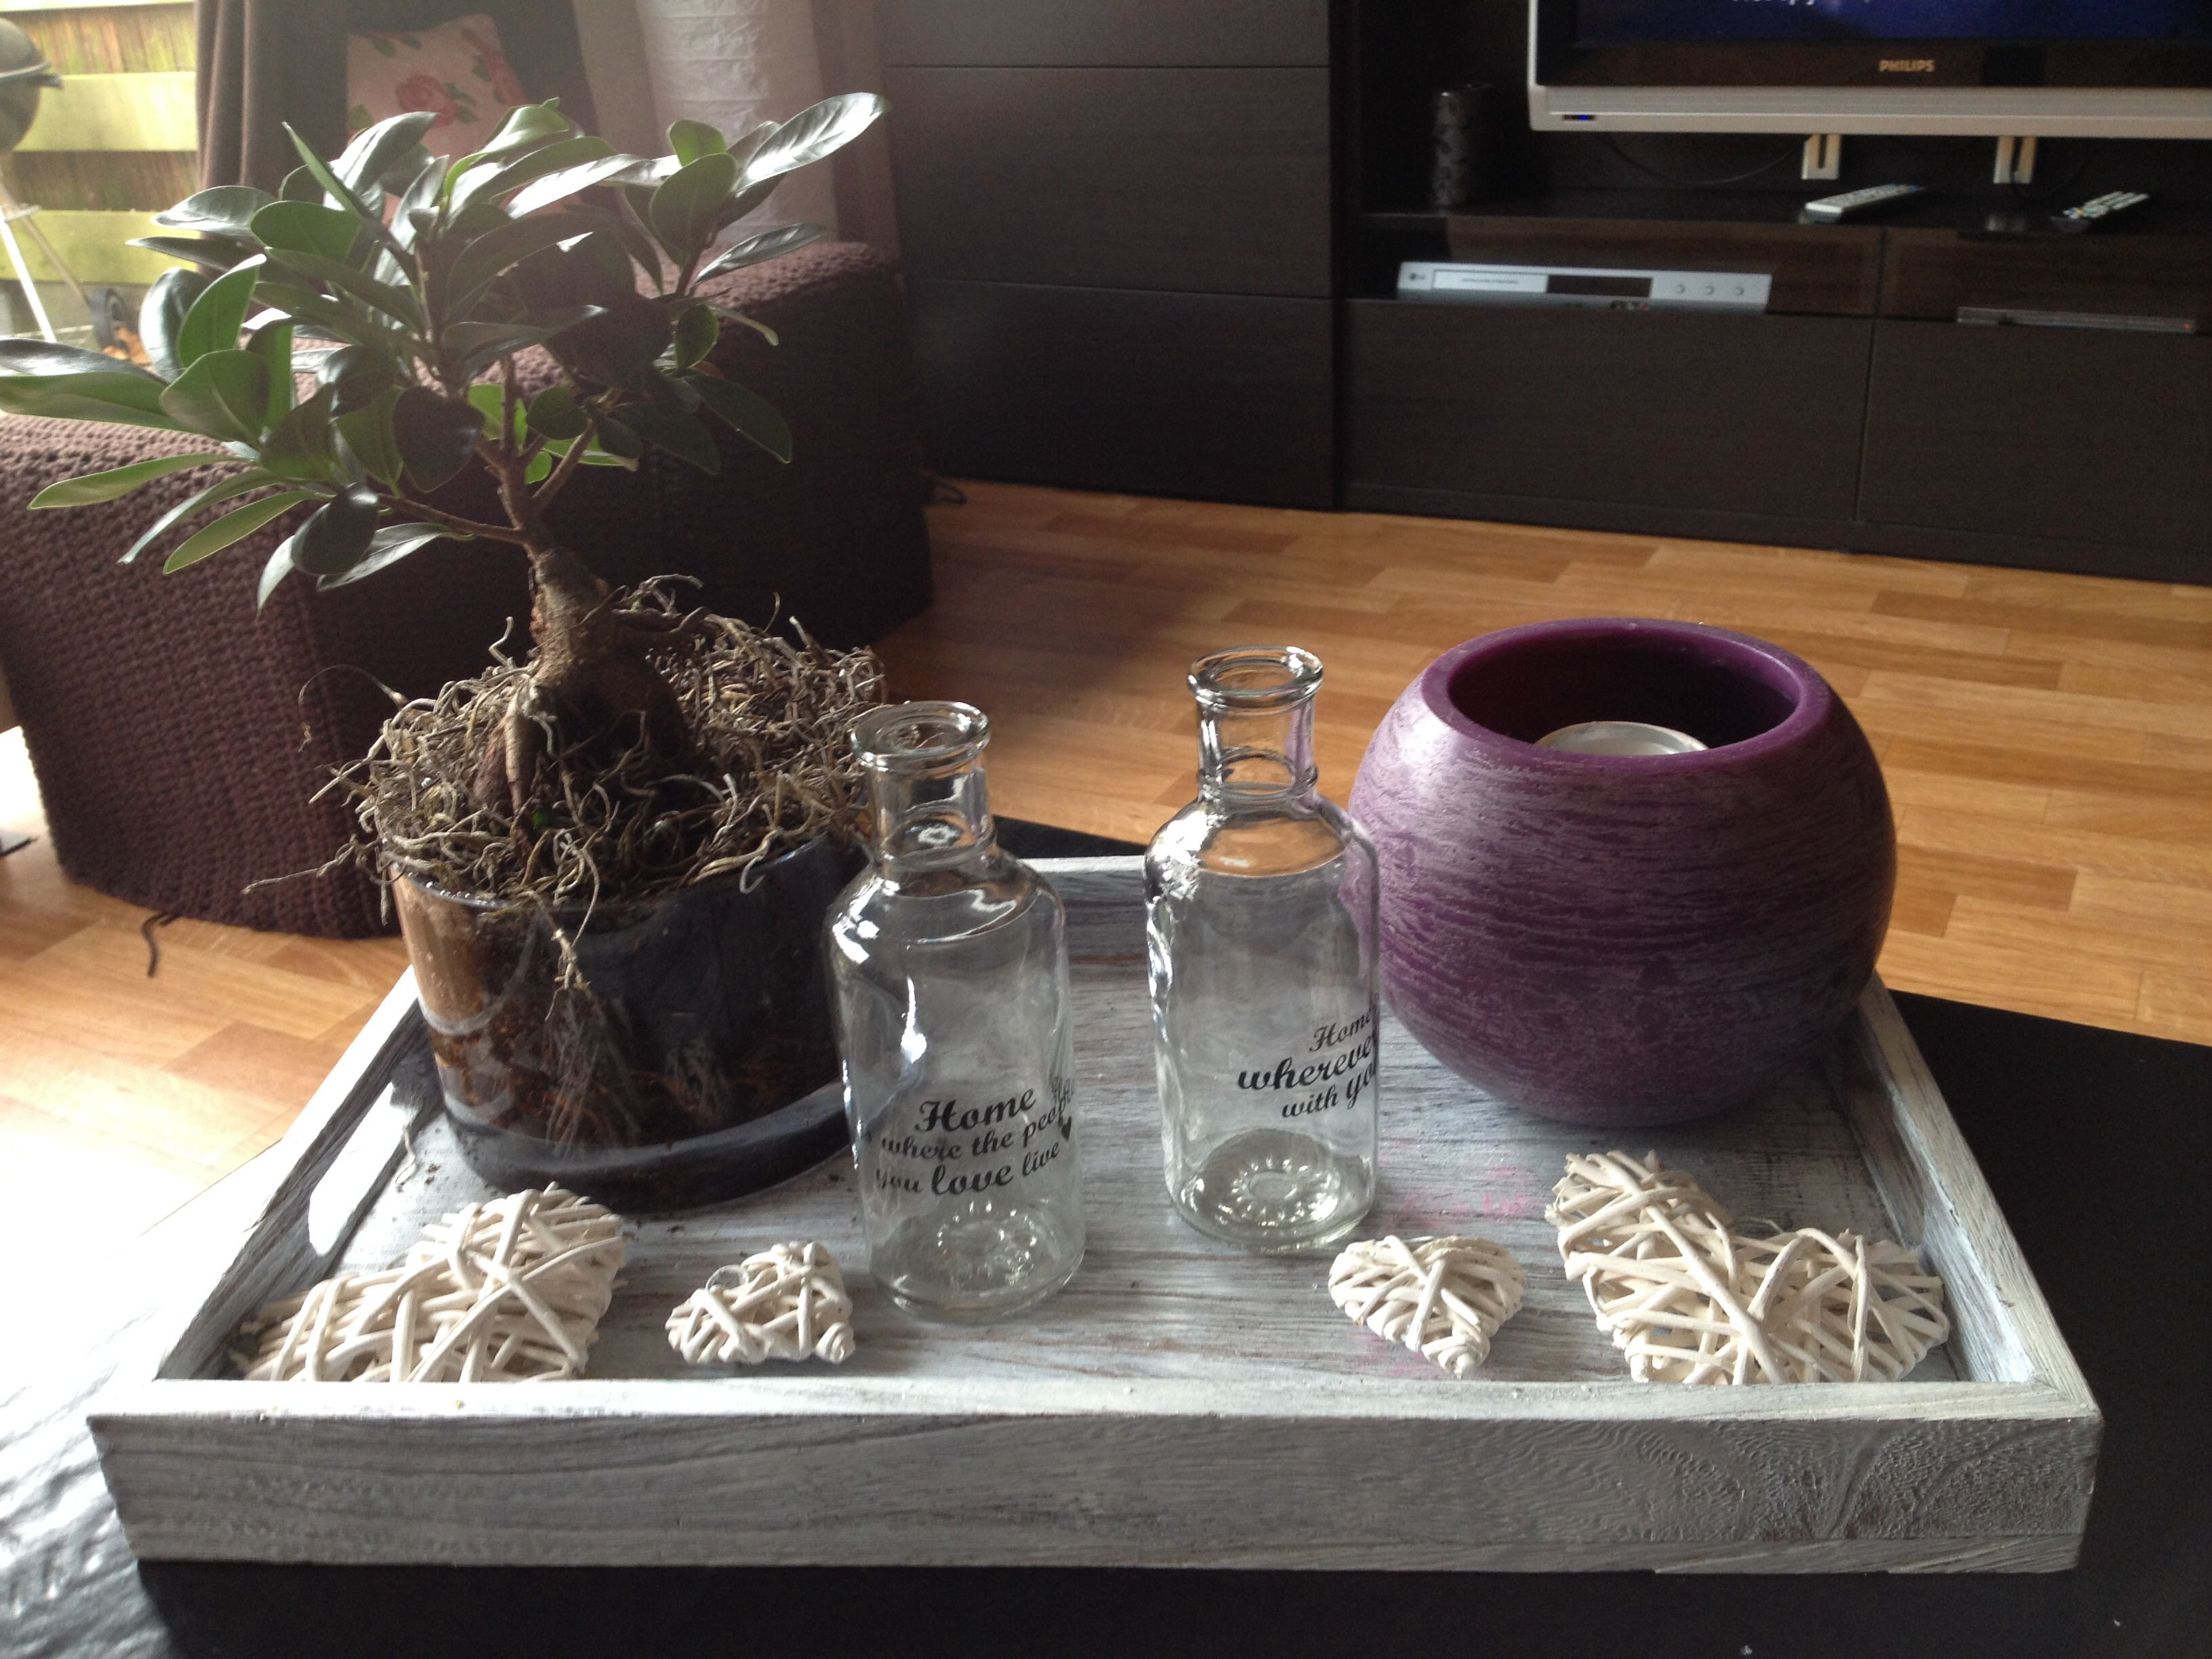 Dressoir Decoratie Ideeen : Pin van tracey op decorative tray and accents pinterest dressoir